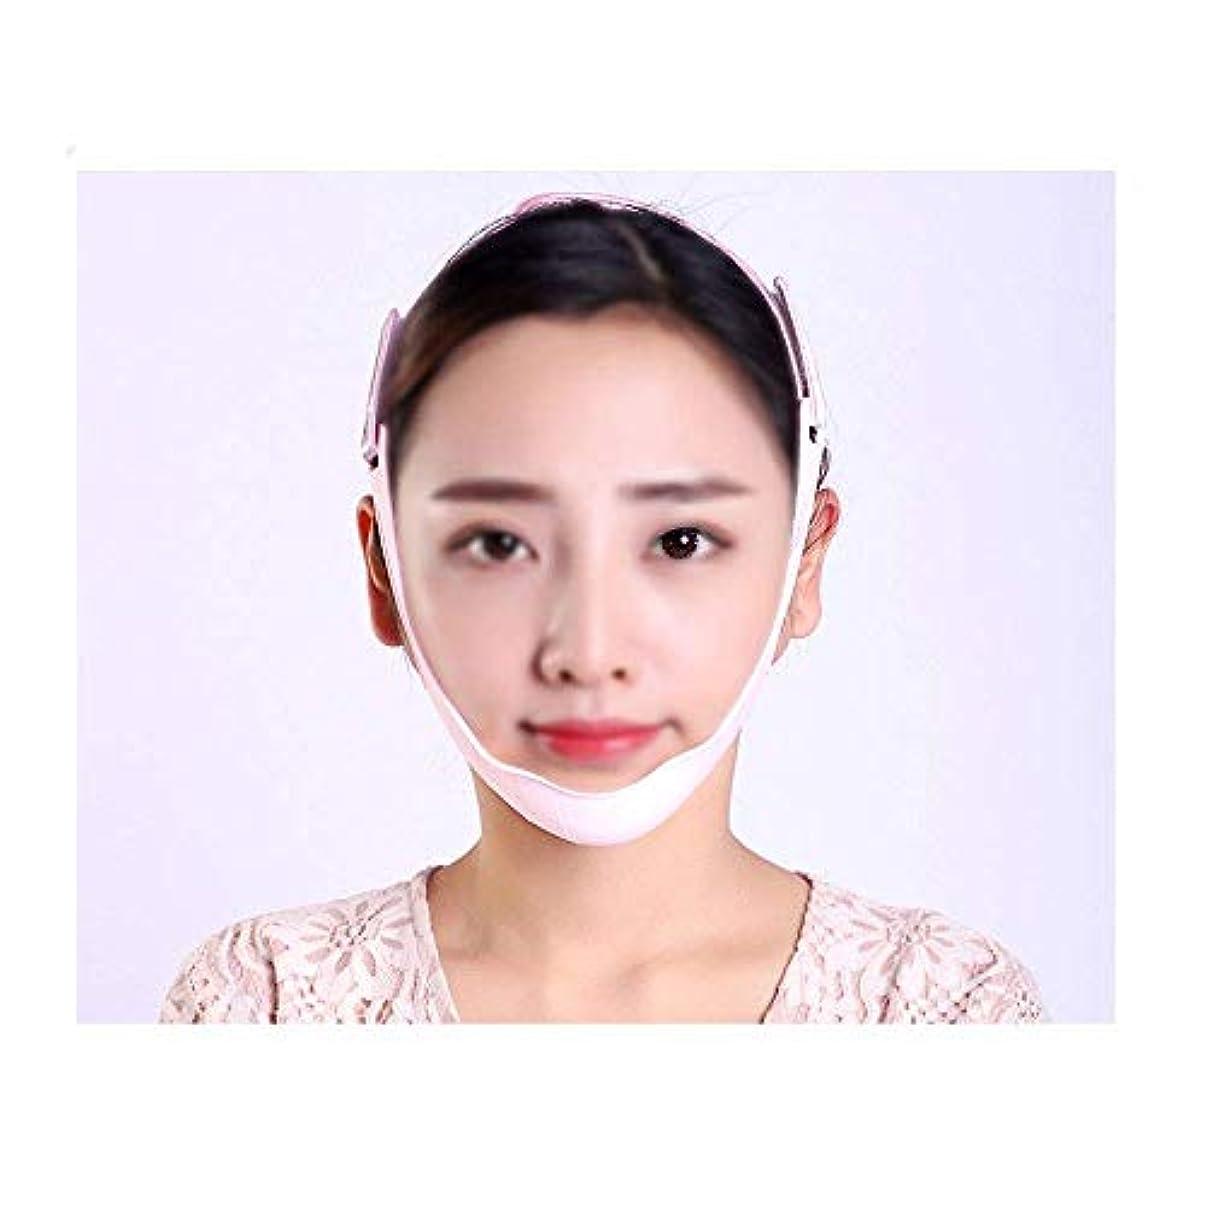 クレーター当社レバーフェイシャルリフティングマスク、リフティングフェイシャルファーミングアーティファクト/マッサージ器薄い顔の包帯/通気性ダブルチンスリミングマスク